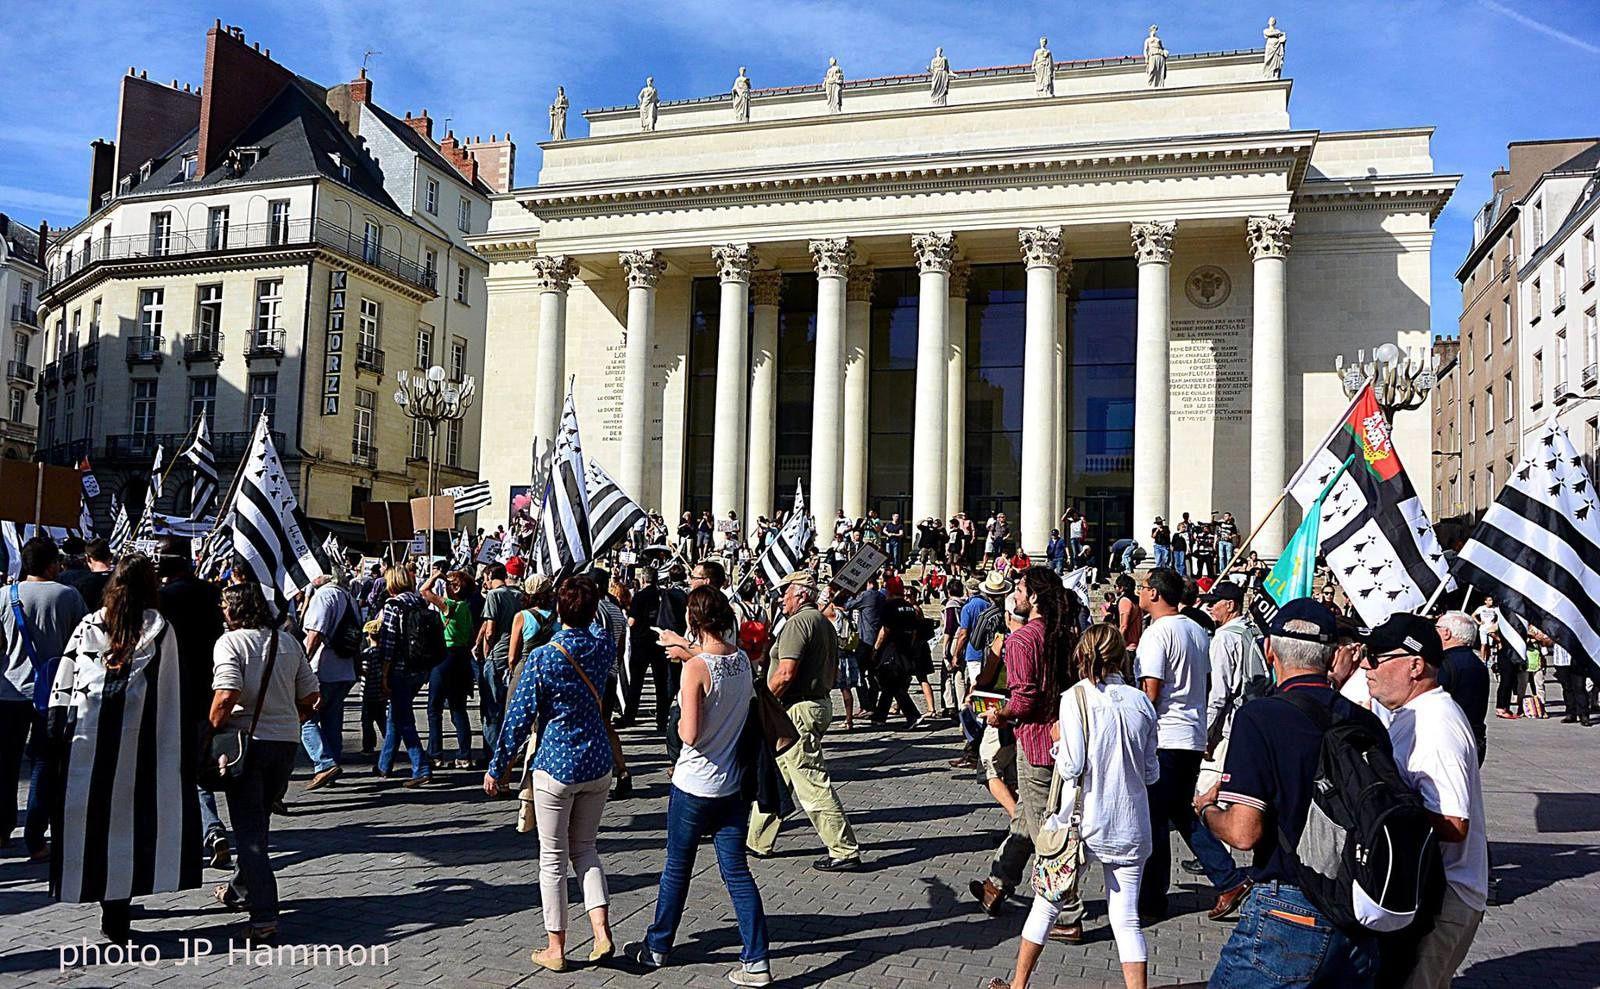 Nantes, Samedi 27 septembre 2014, Manifestation dans les rues pour la Réunification de la Bretagne (photo JP Hammon).